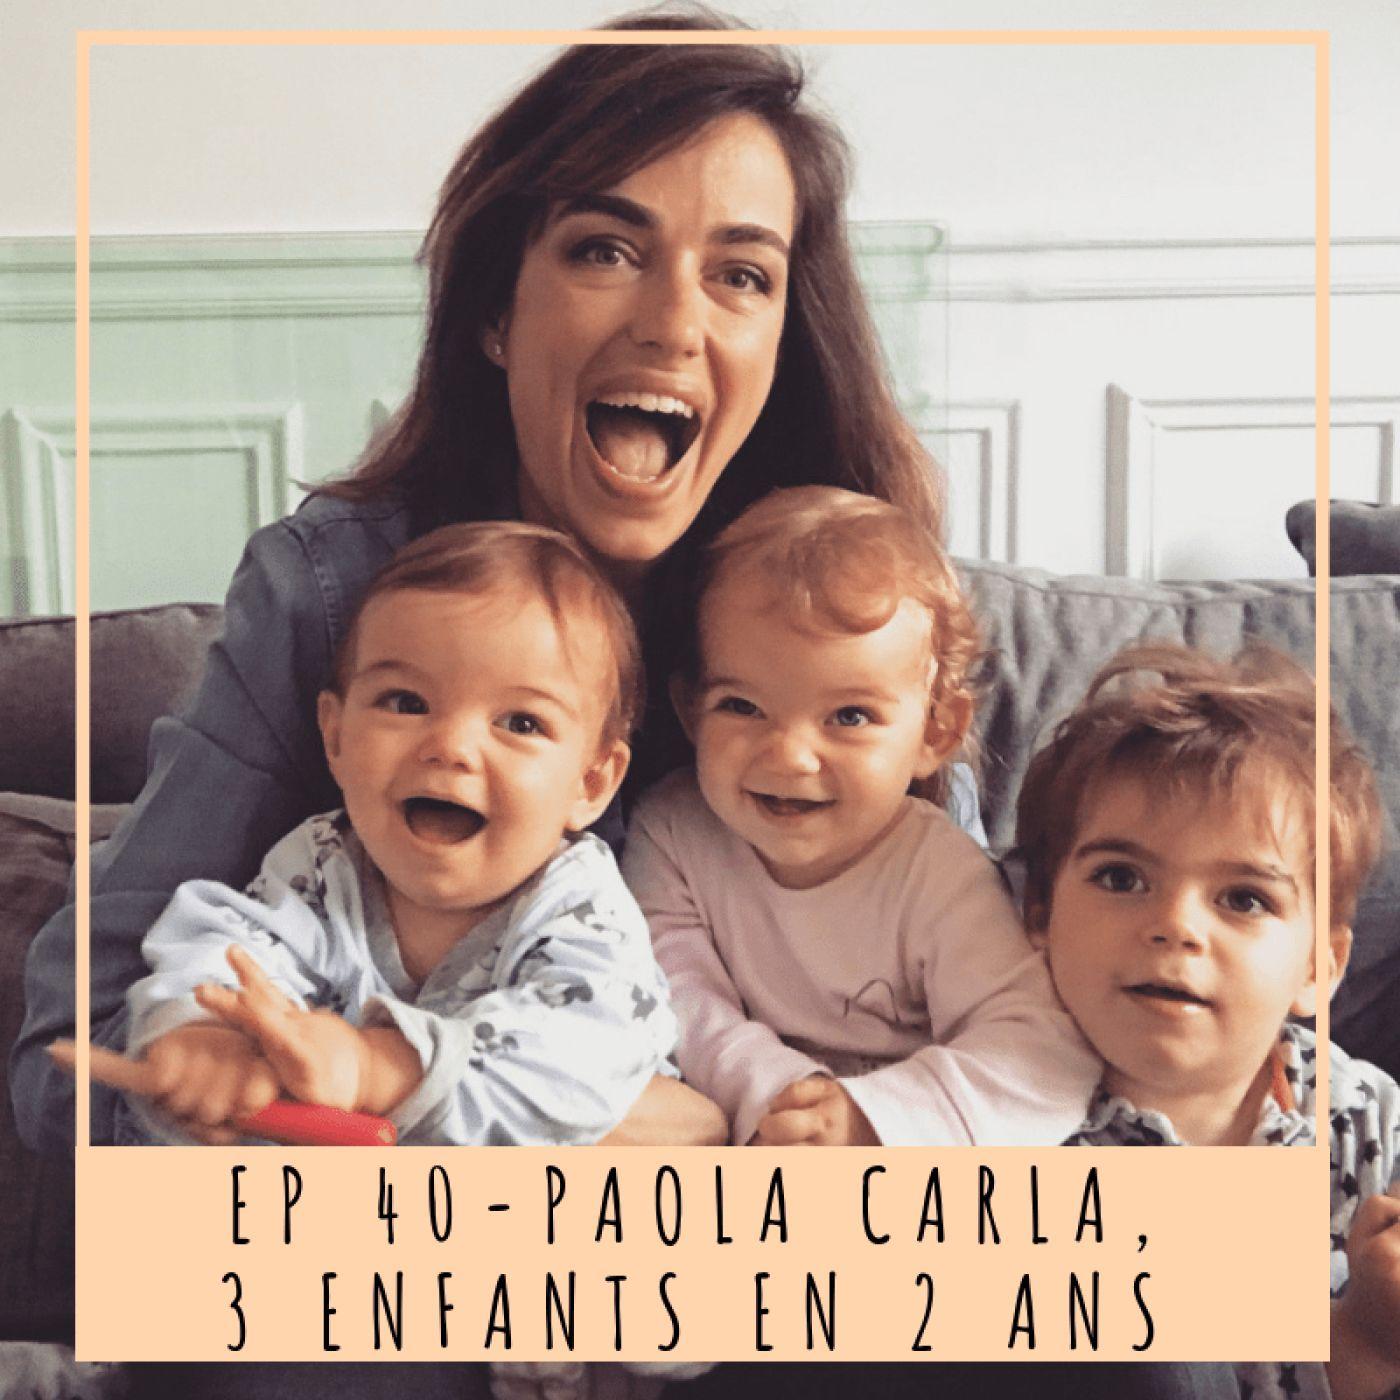 EP 40- PAOLA CARLA, 3 ENFANTS EN 2 ANS